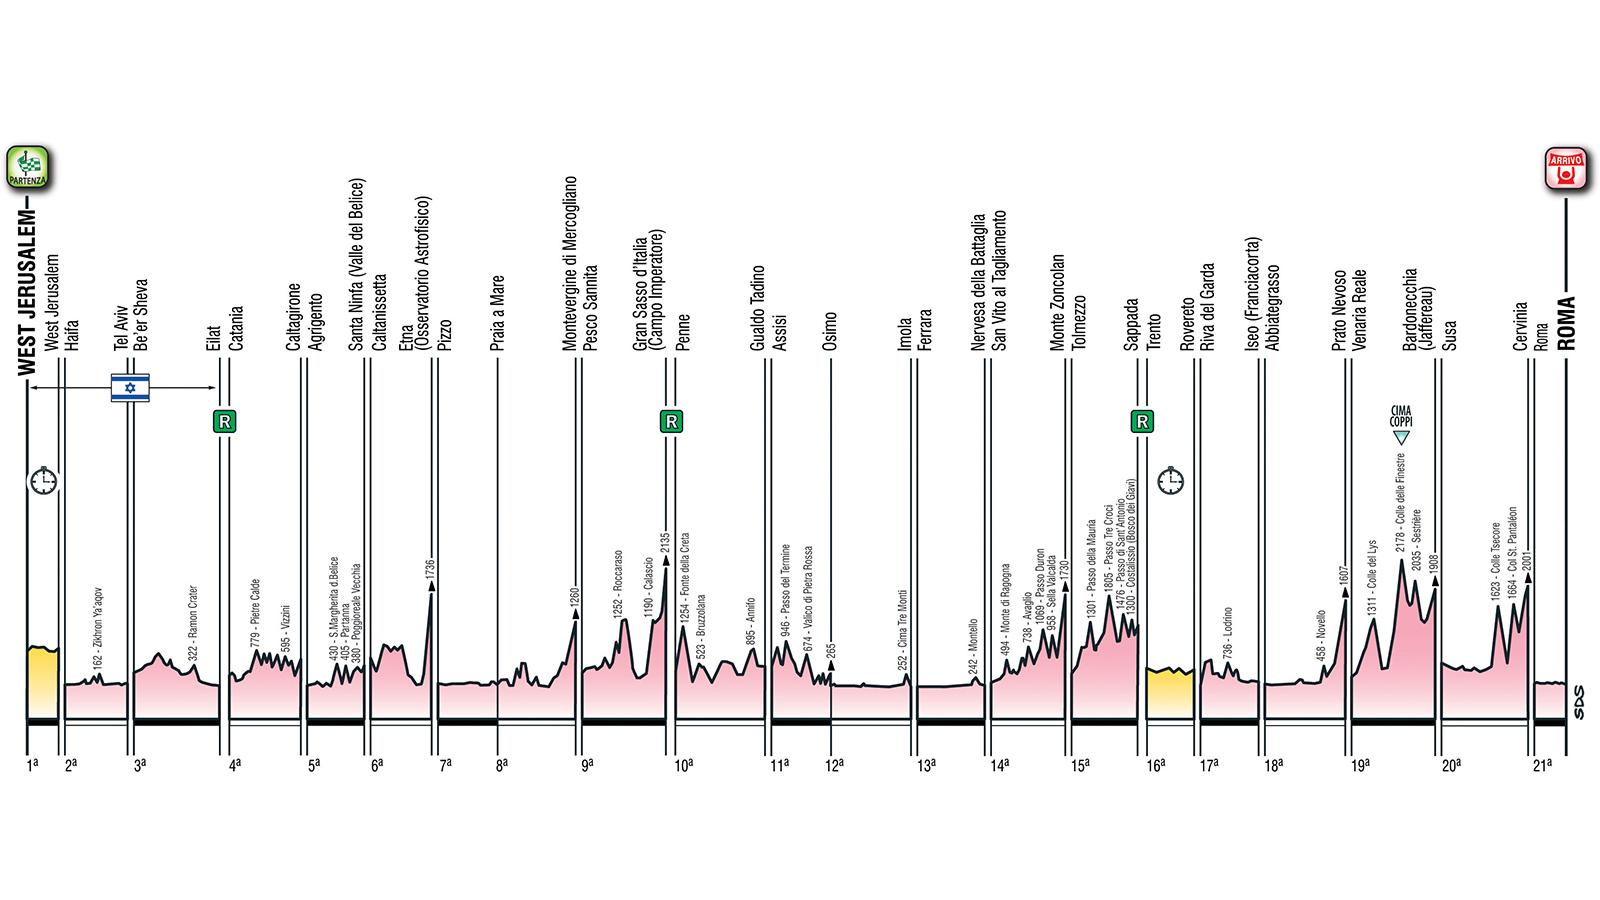 Giro 2018 parcours